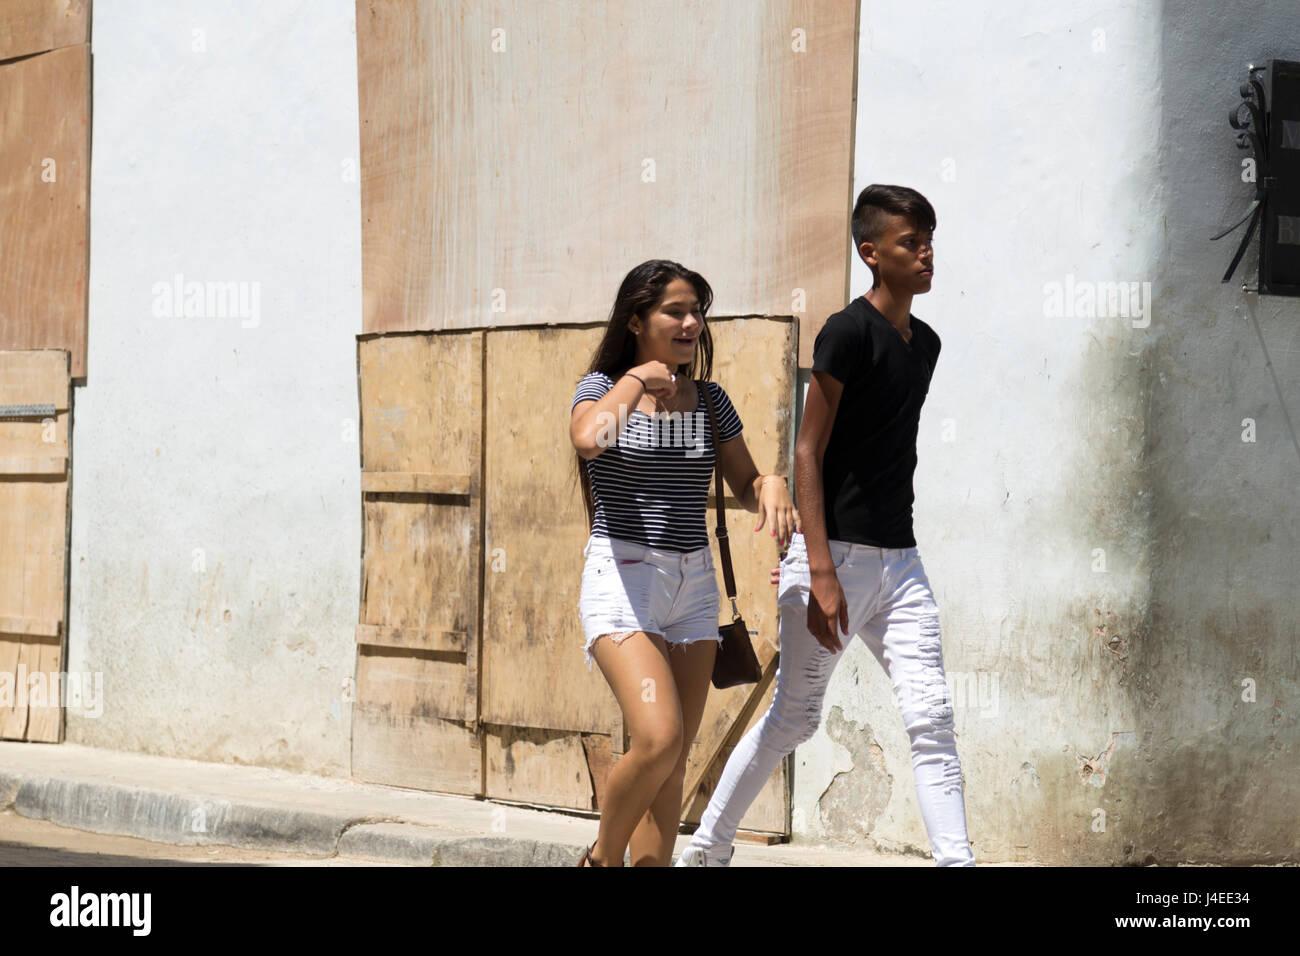 Paar der jungen Kubaner Wandern in Havanna, Kuba Stockbild